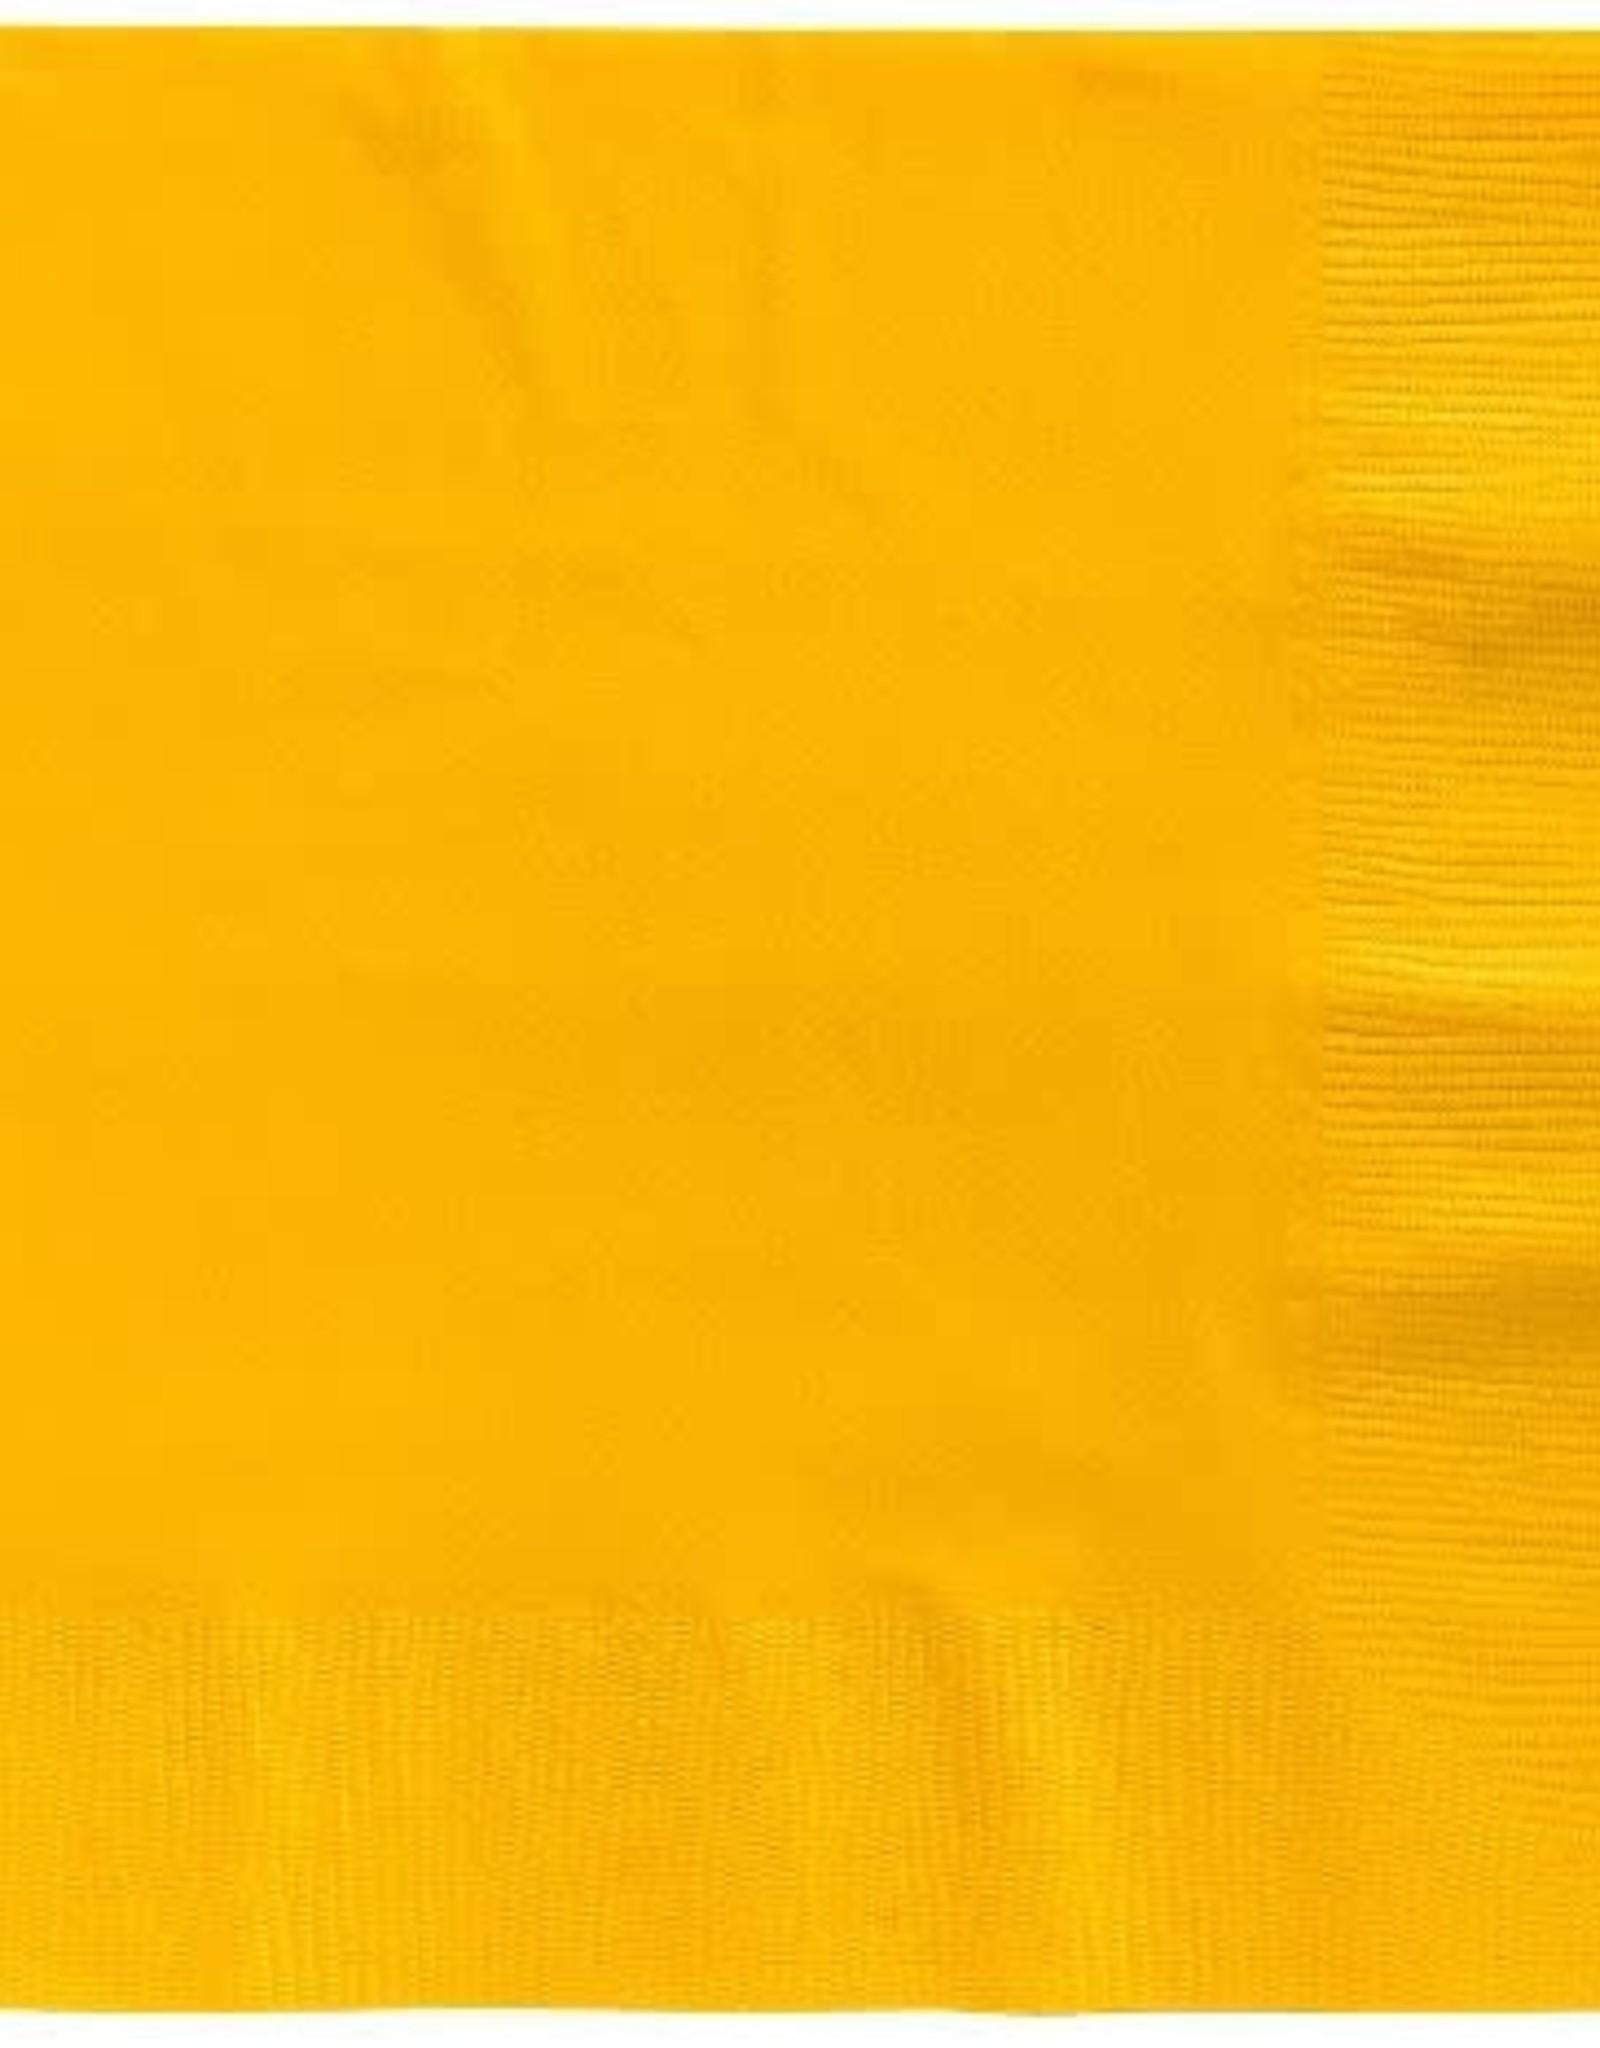 Yellow Sunshine Luncheon Napkins 20ct